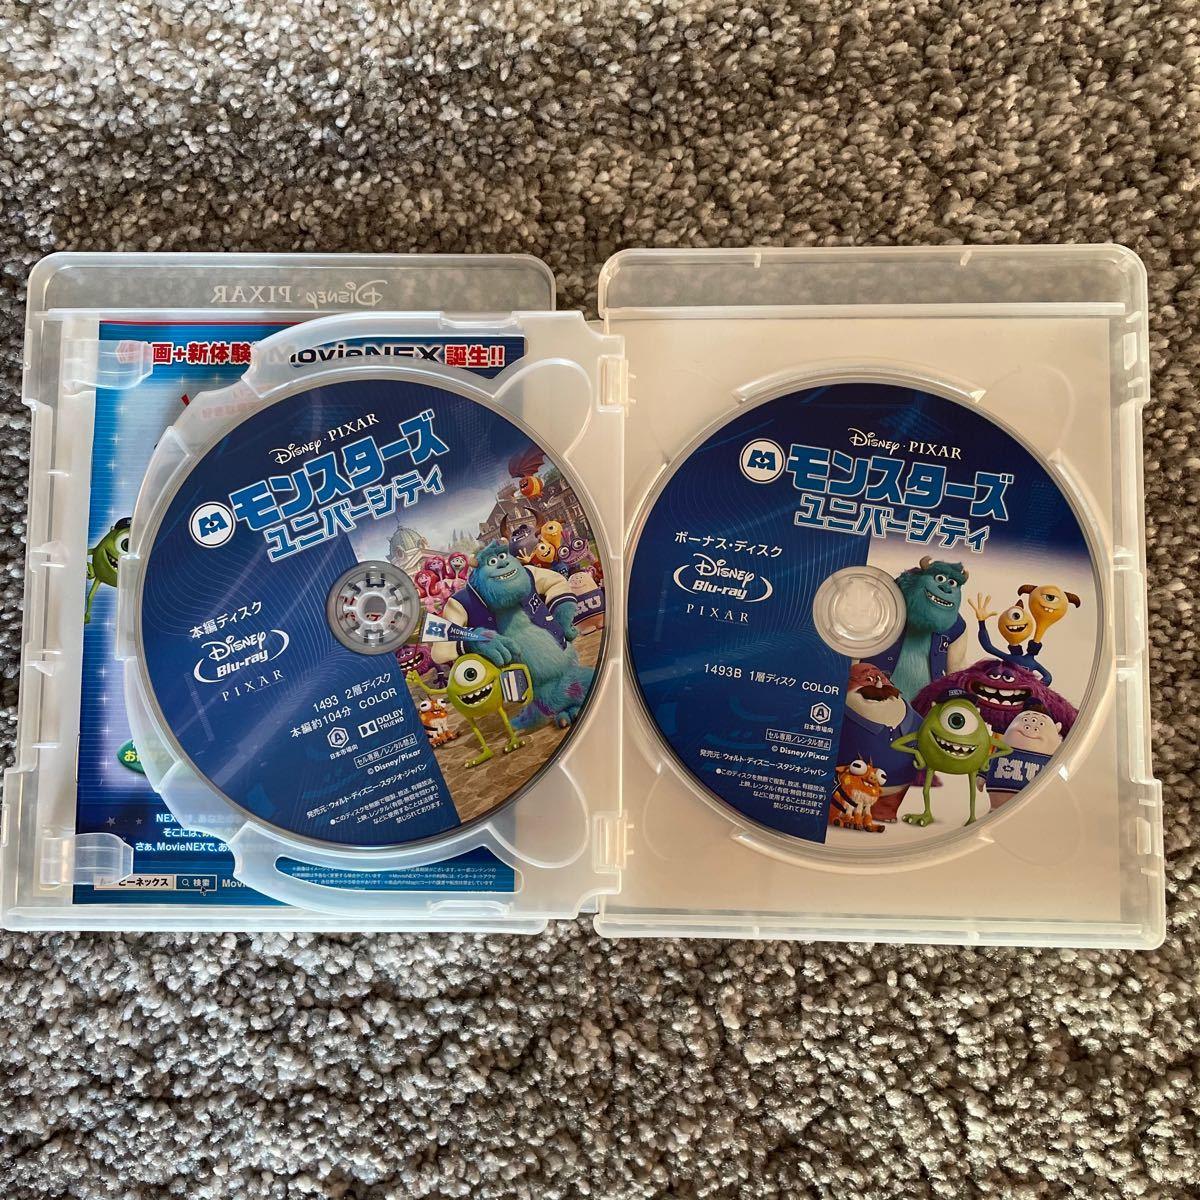 モンスターズユニバーシティ モンスターズユニバーシティ ディズニー Blu-ray Disney MovieNEX